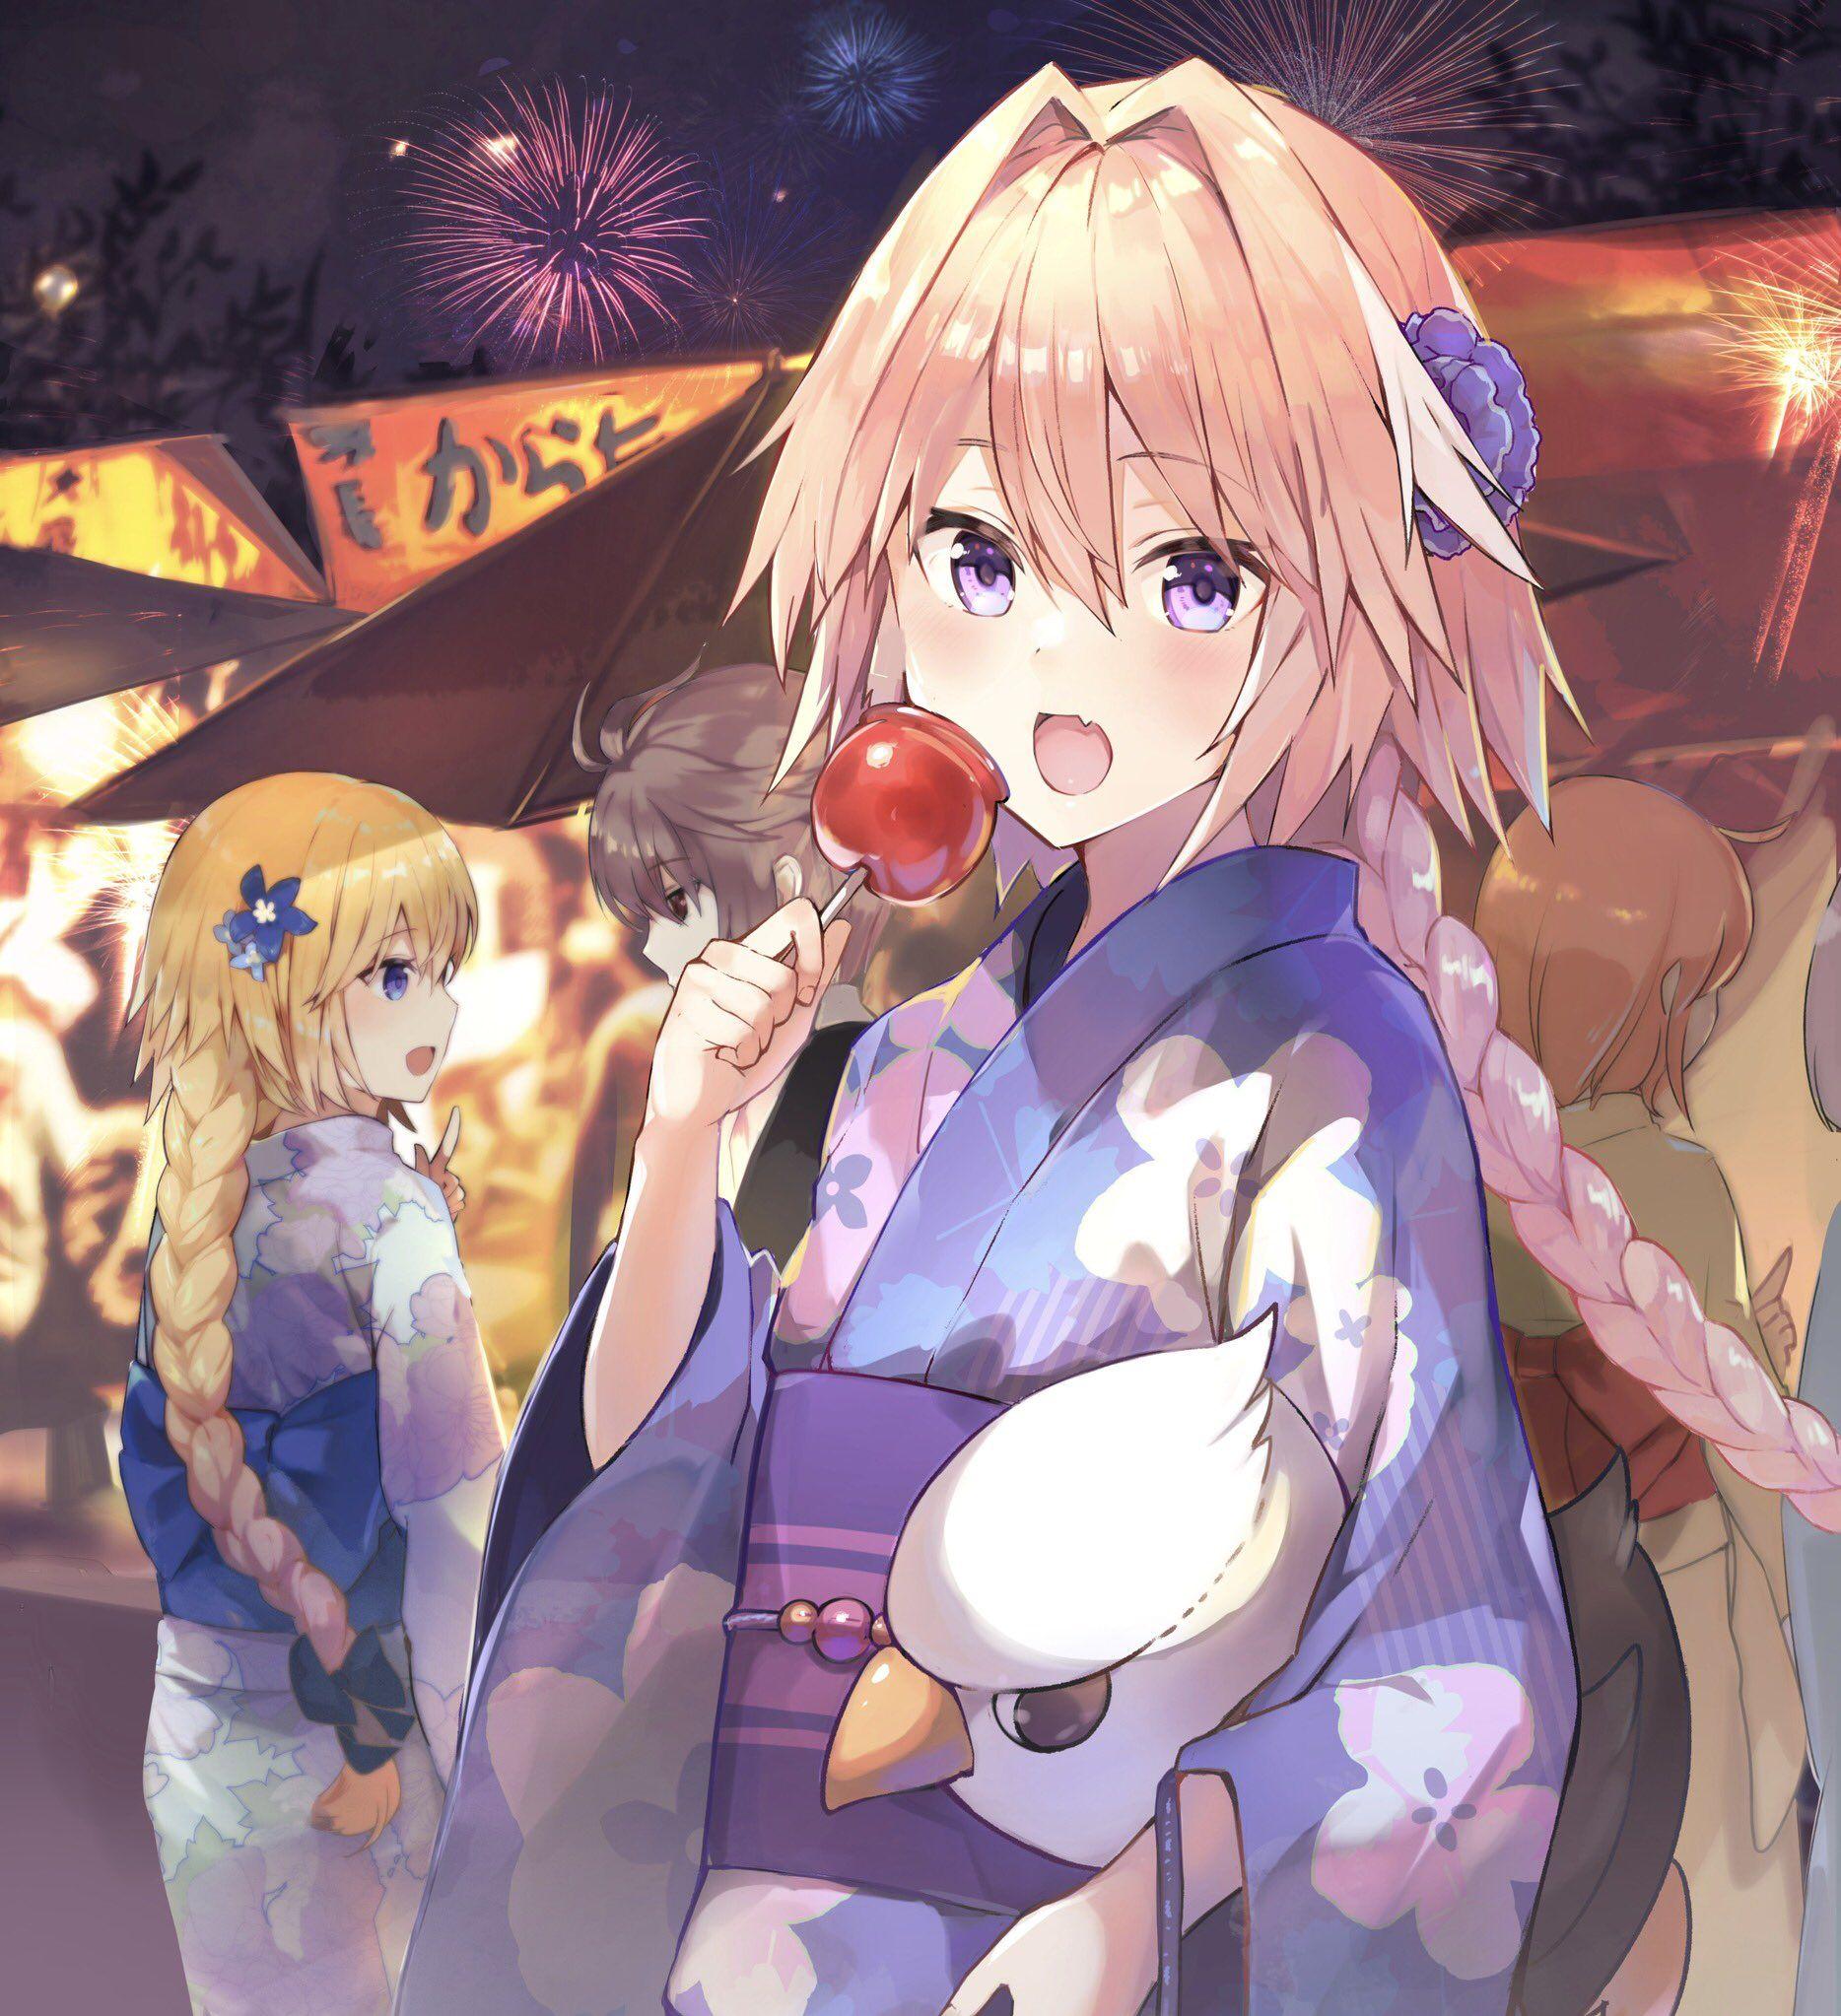 楠元とうか on | my fate | Astolfo fate, Anime, Heaven wallpaper